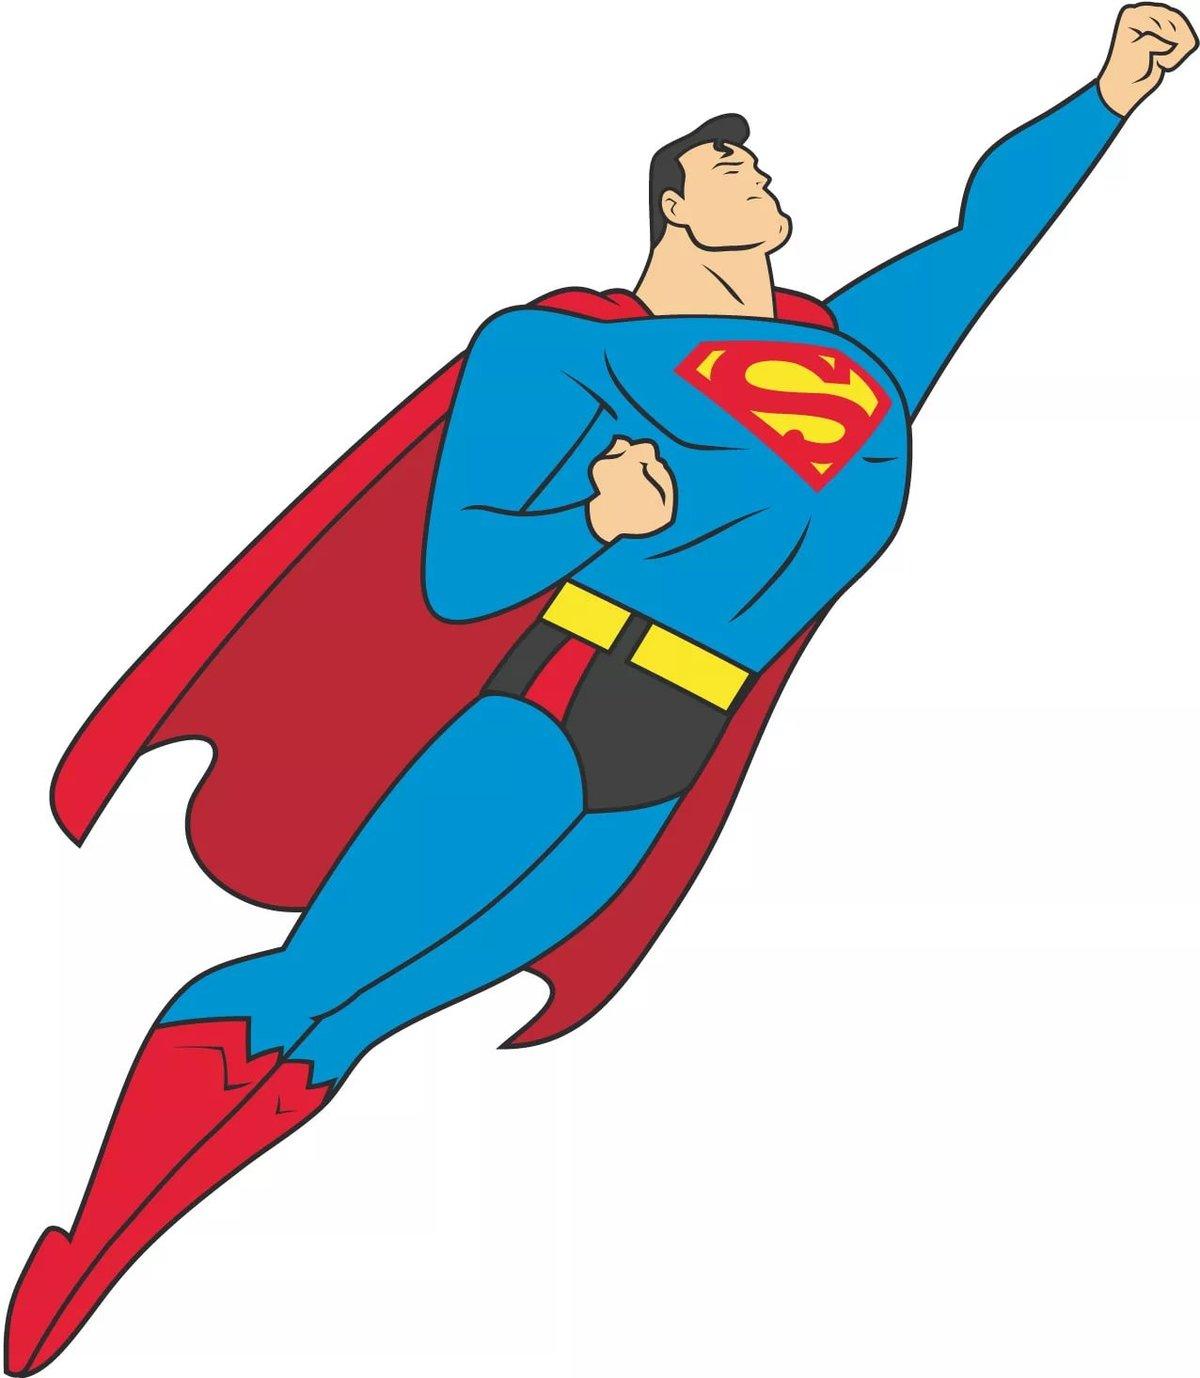 мульт картинки супергероев воистину нет